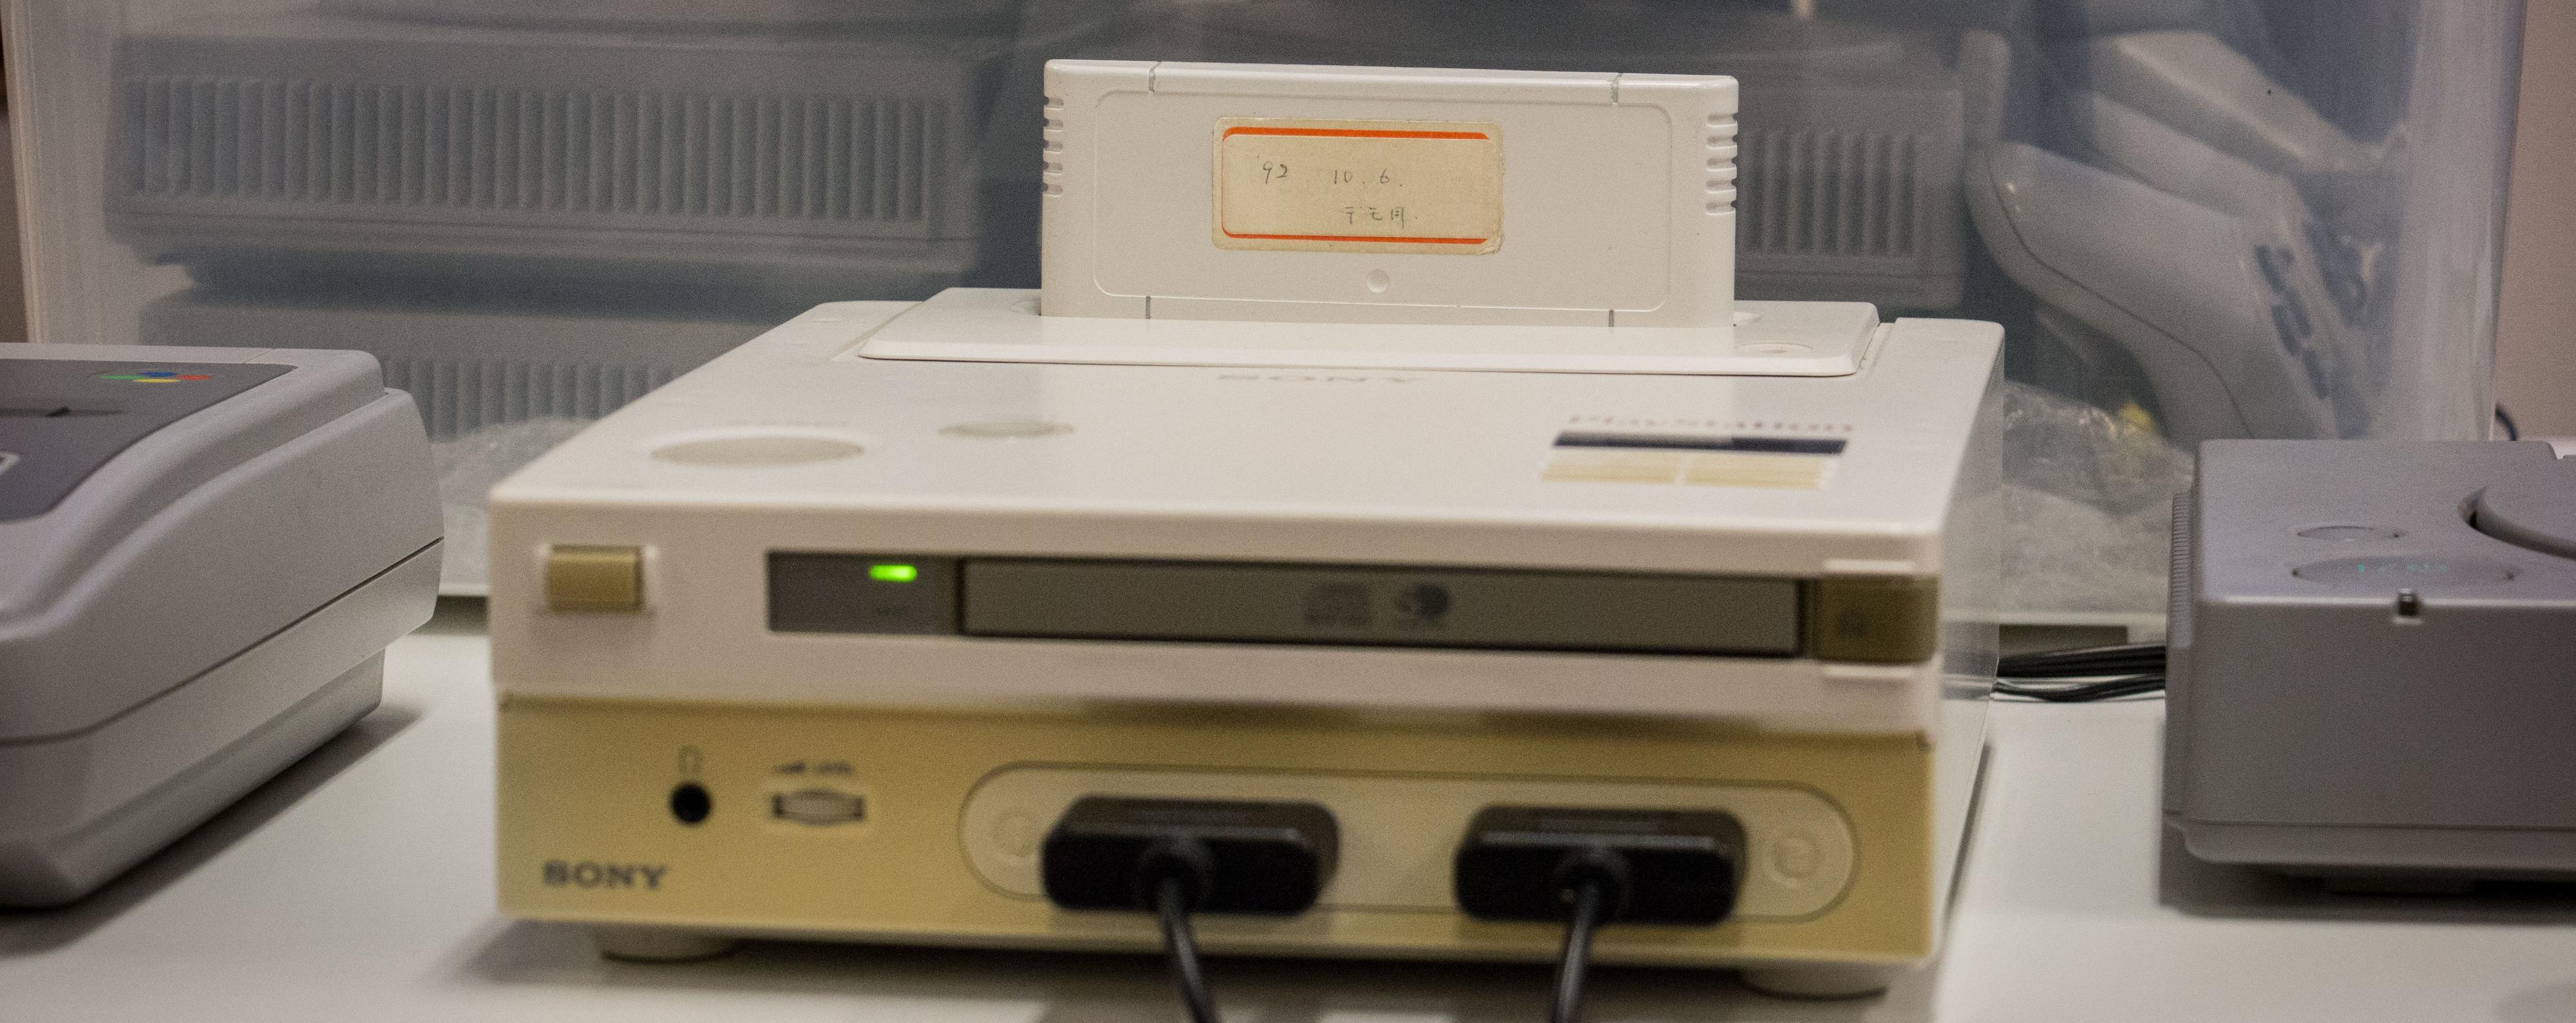 Med en CD-rom-spiller på framsiden og plass til spillkasetter på toppen, var det meningen at konsollen skulle kunne spille både gamle SNES-spill, men også nye CD-spill fra Sony.